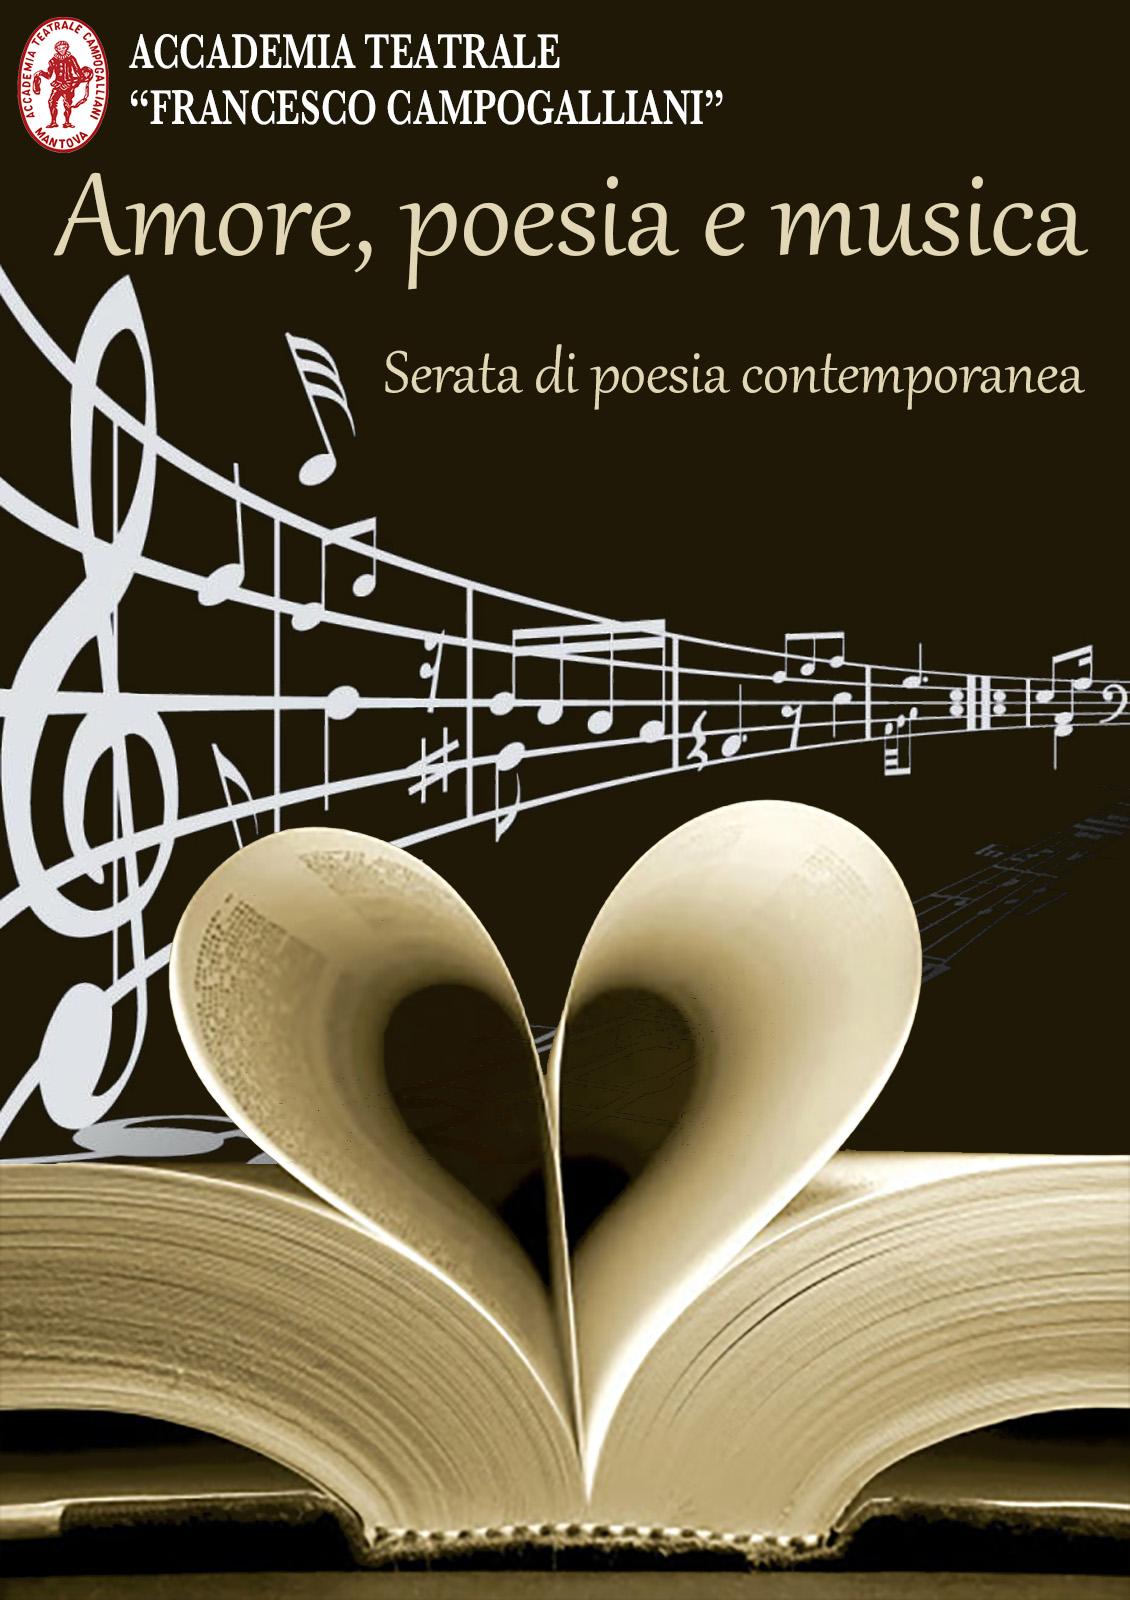 POESIA AMORE E MUSICA